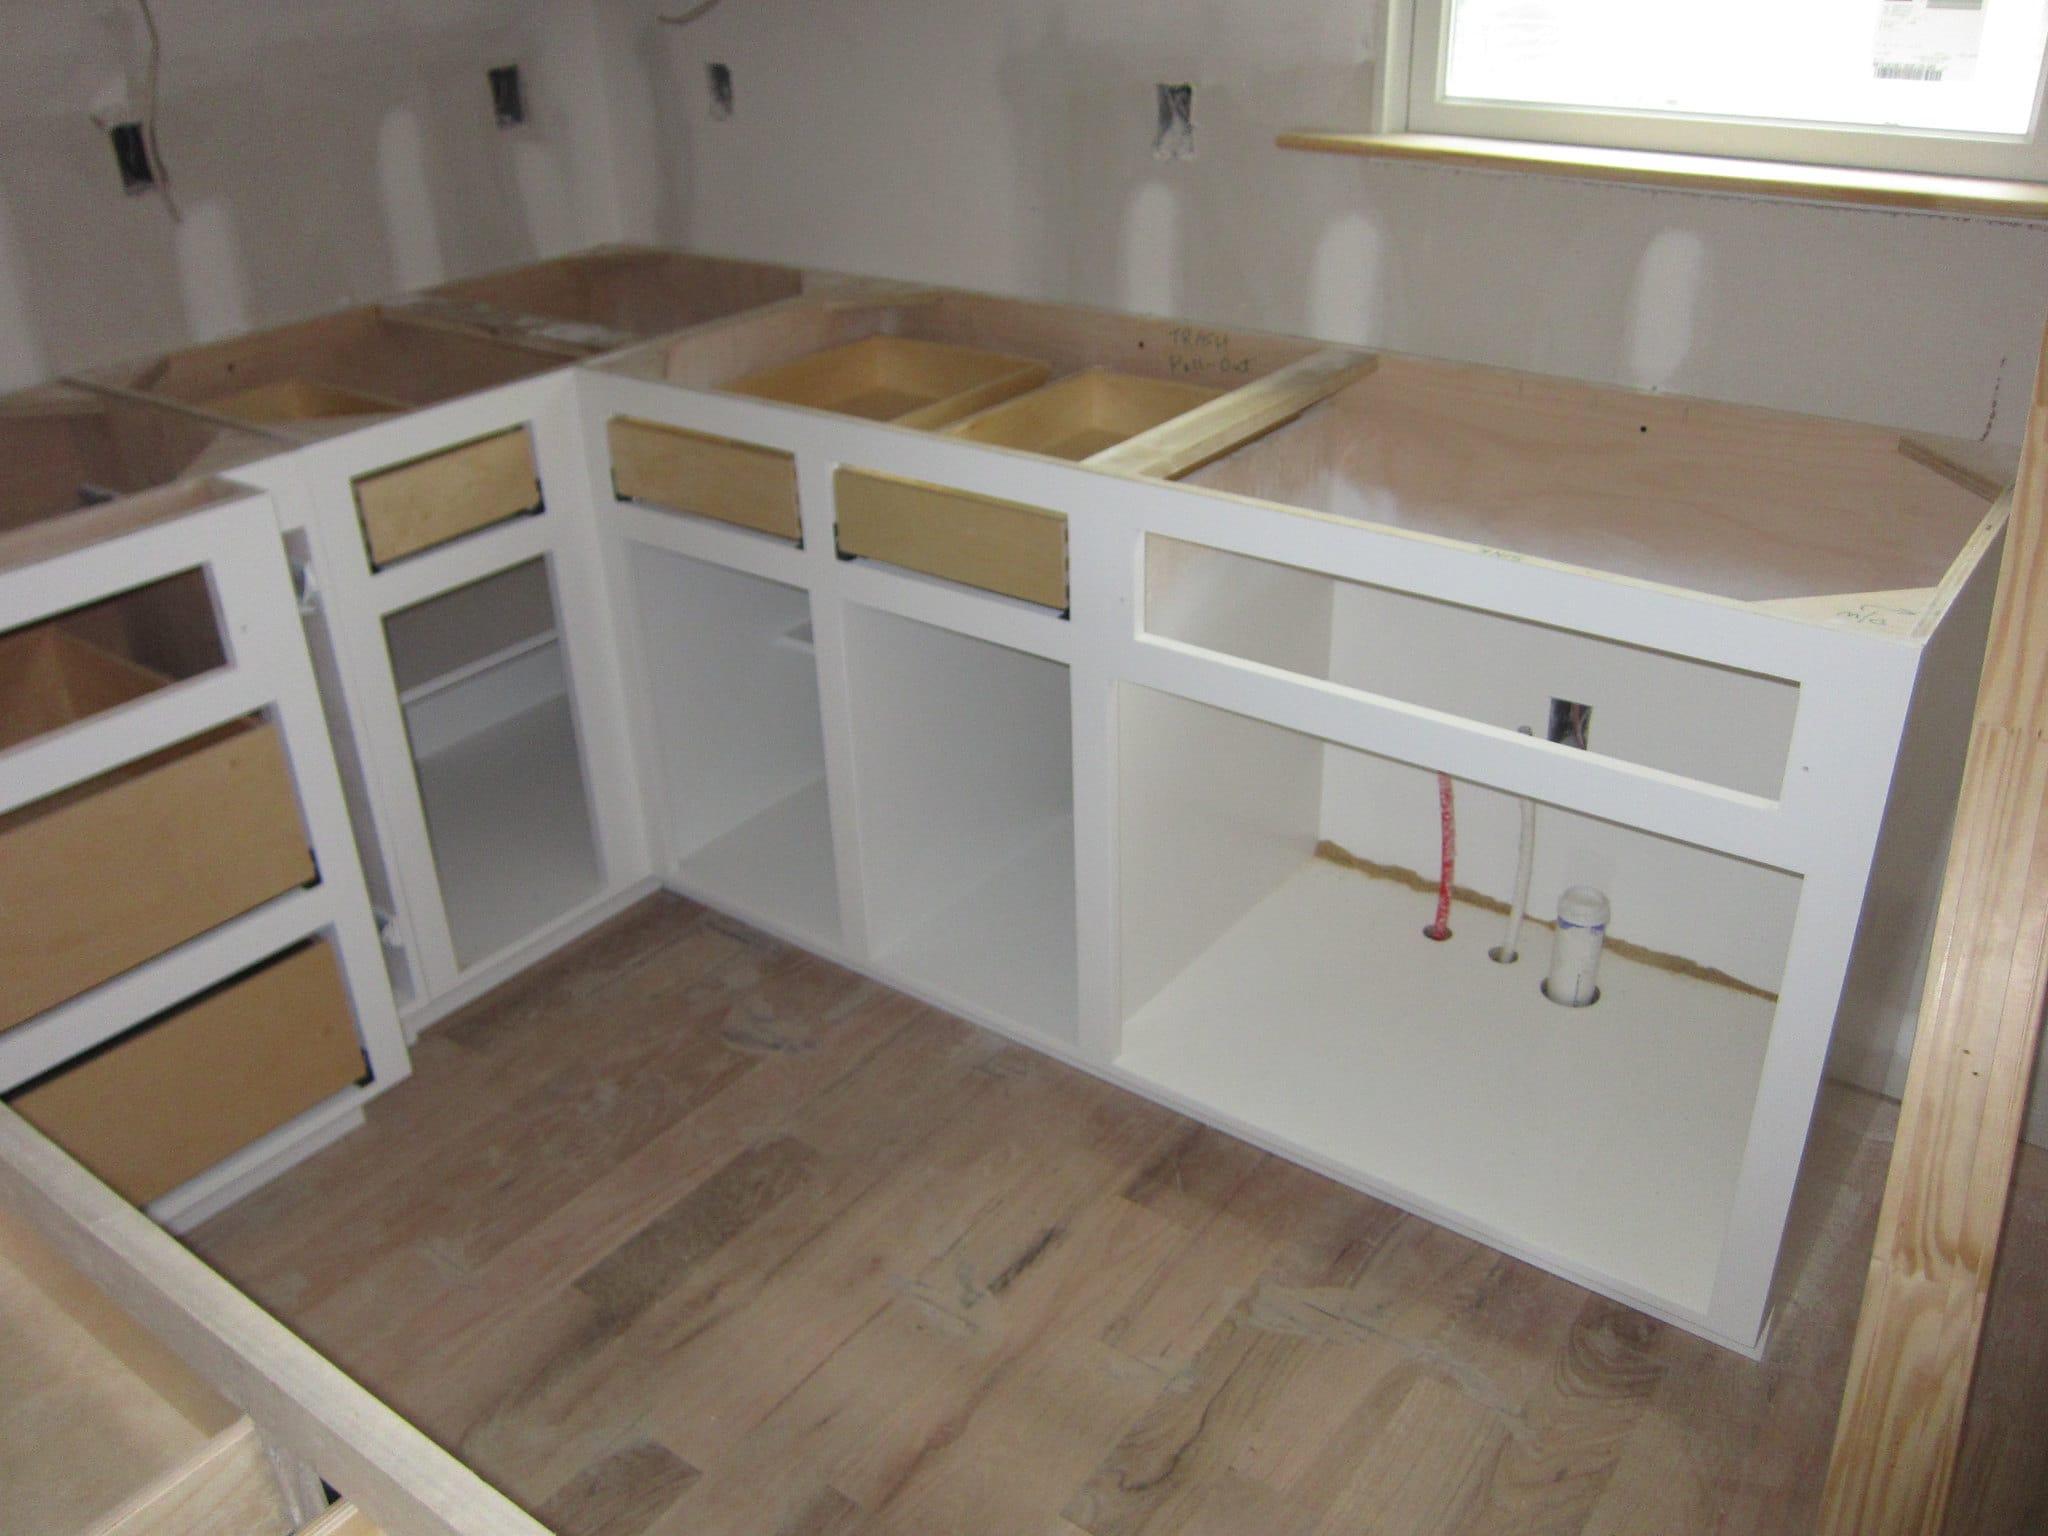 3 Ways We Repair Kitchen Cabinets